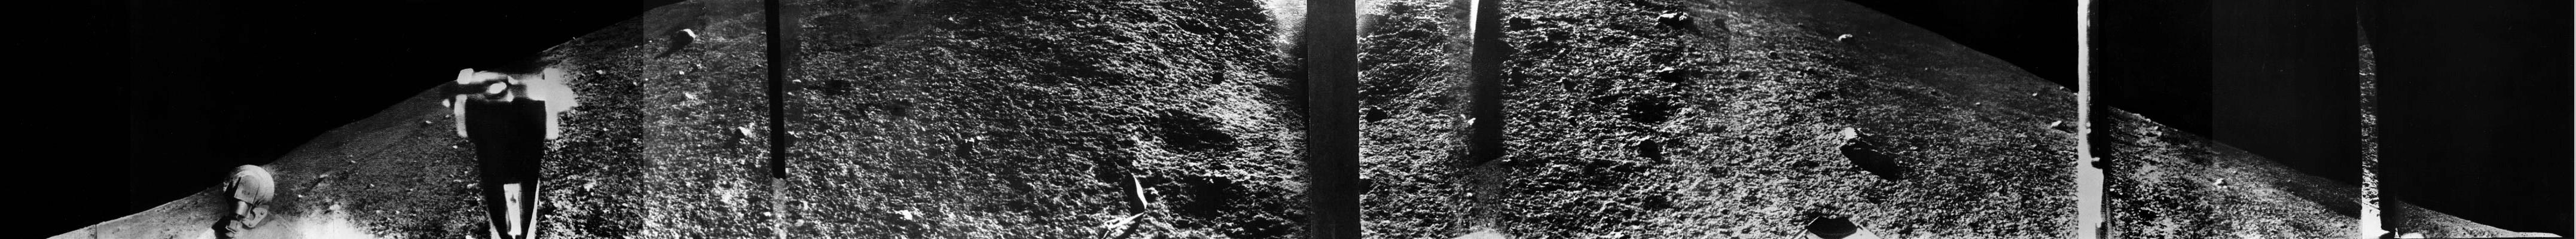 lune panoramique luna 9 Histoire photographique de la Lune